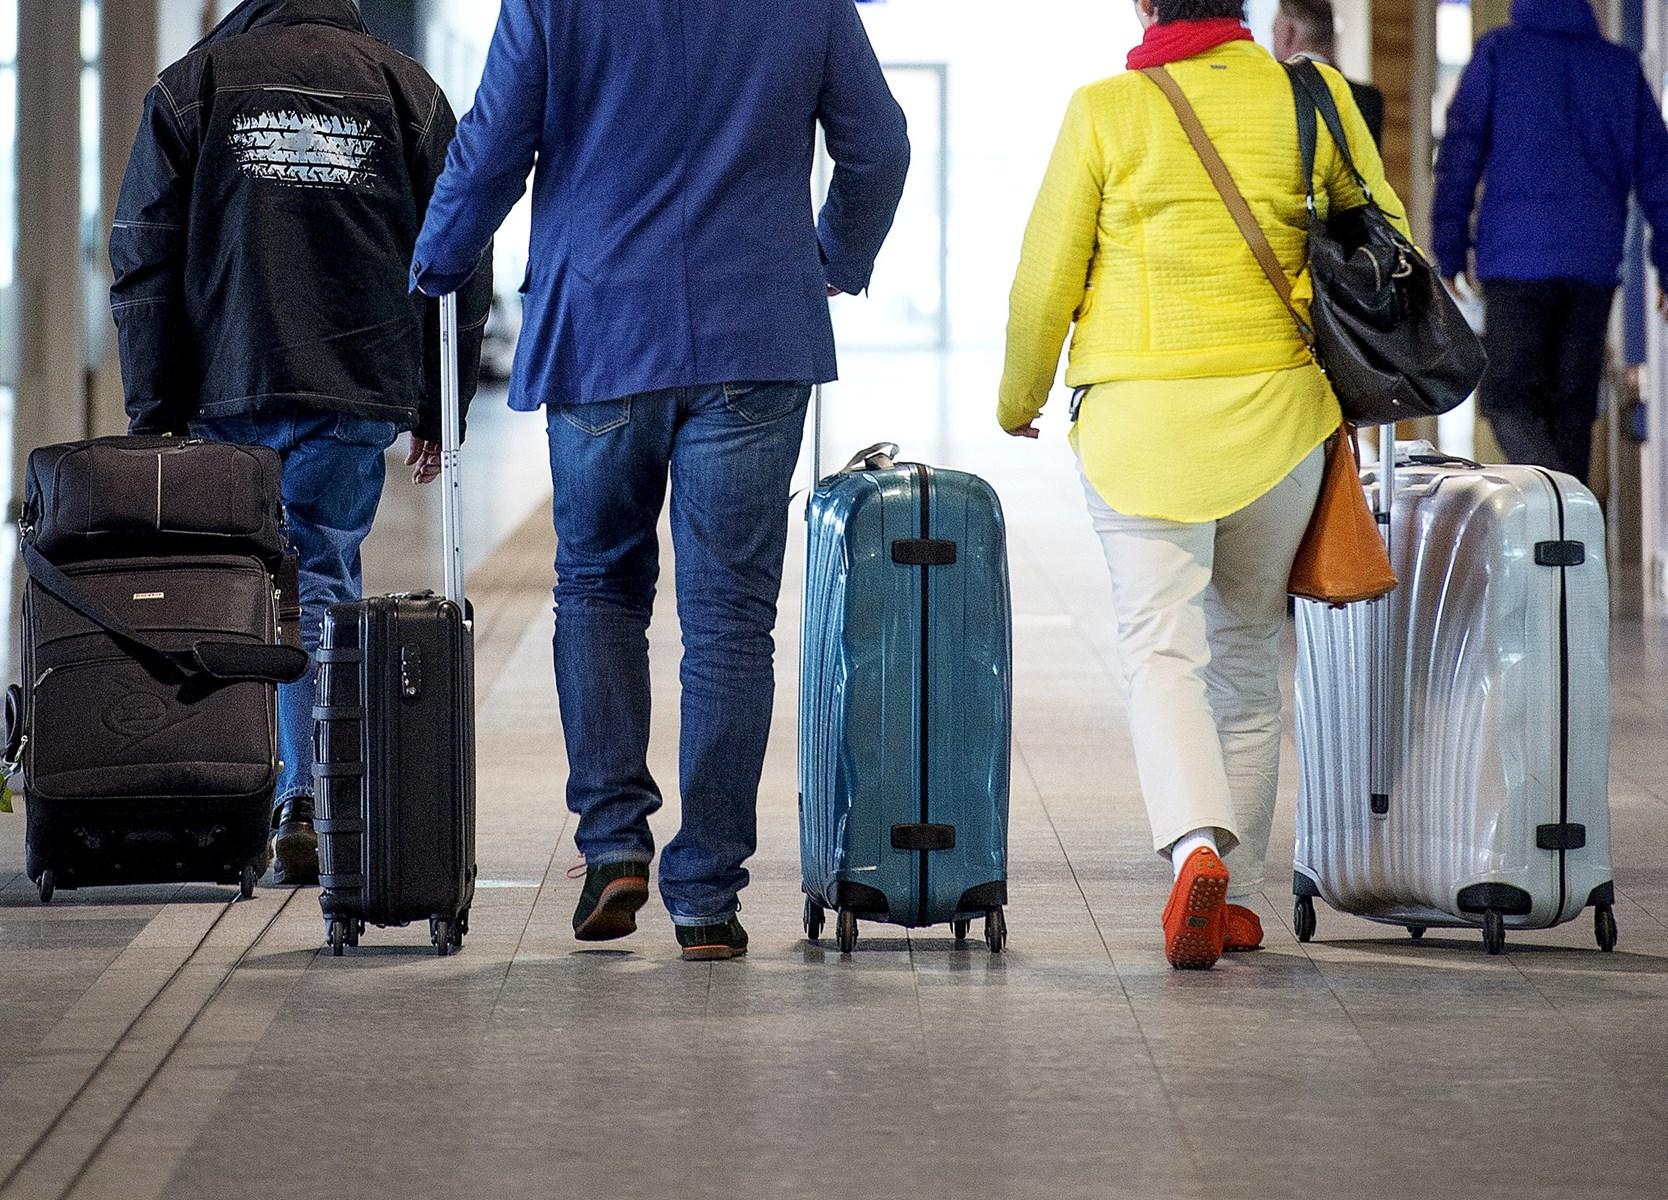 En af årsagerne til væksten er blandt andet de populære spanske ruter. Arkivfoto: Torben Hansen